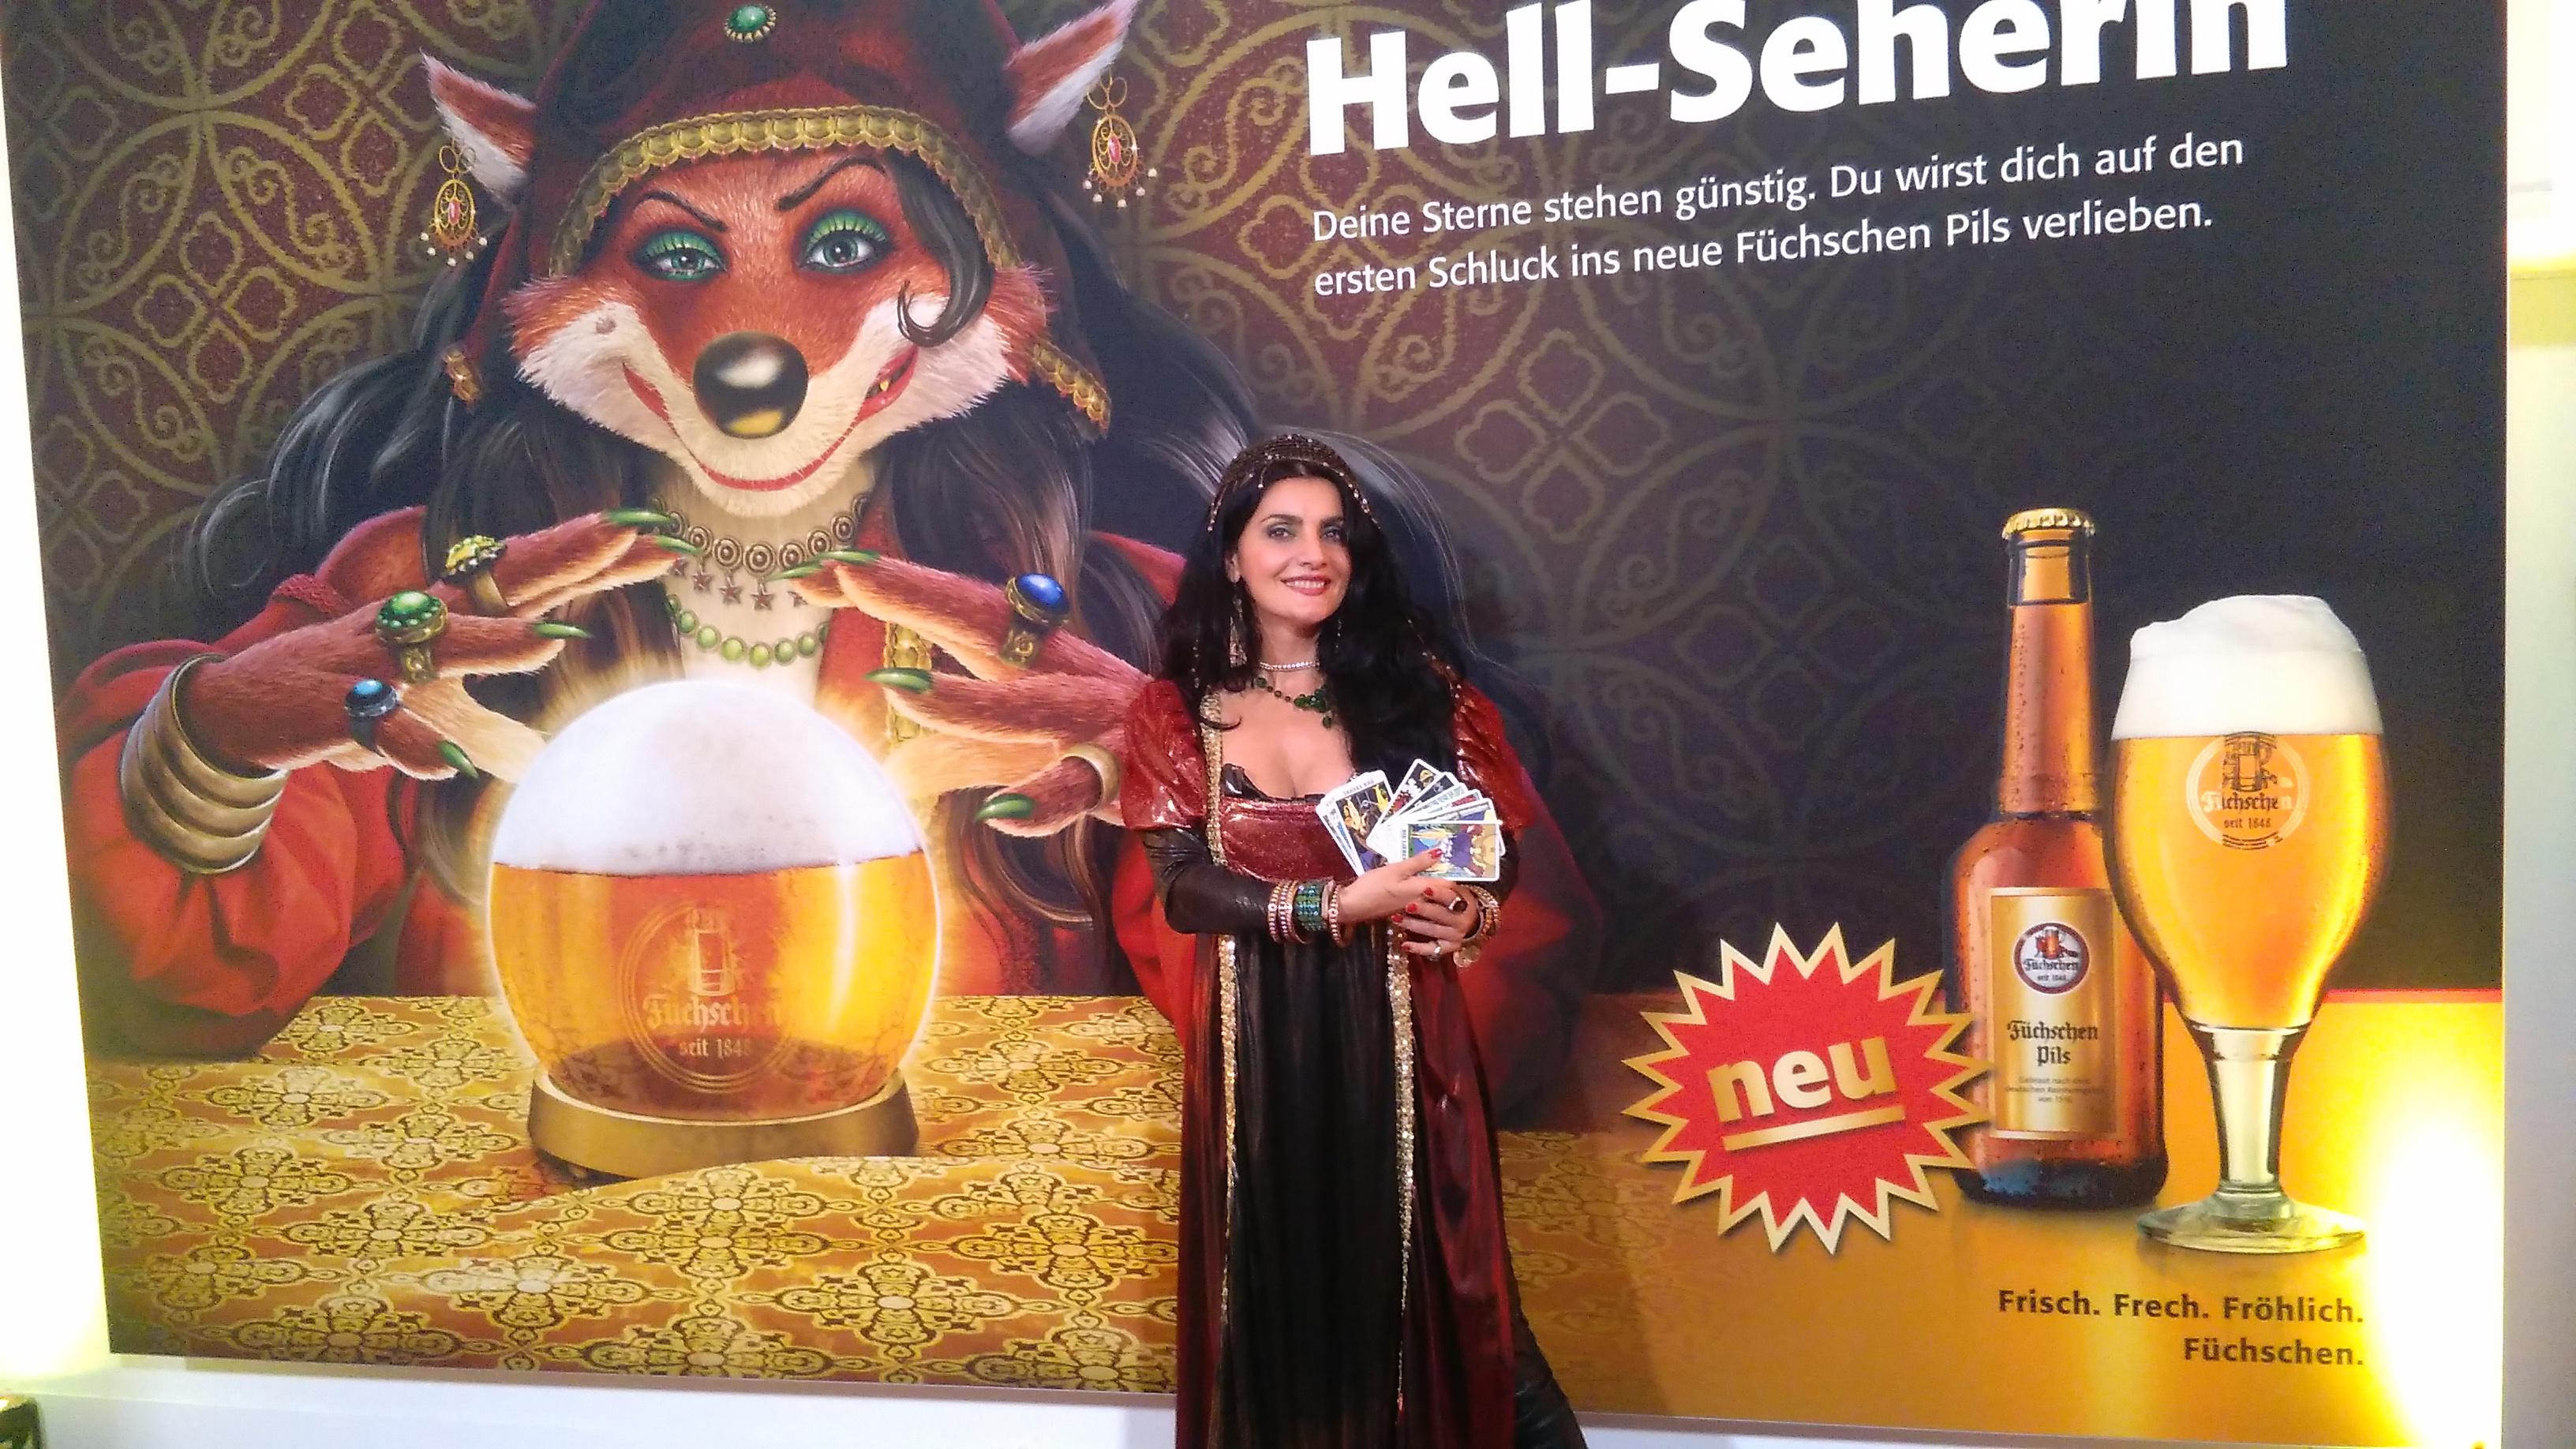 2017 Hellseherin für Brauerei Füchschen